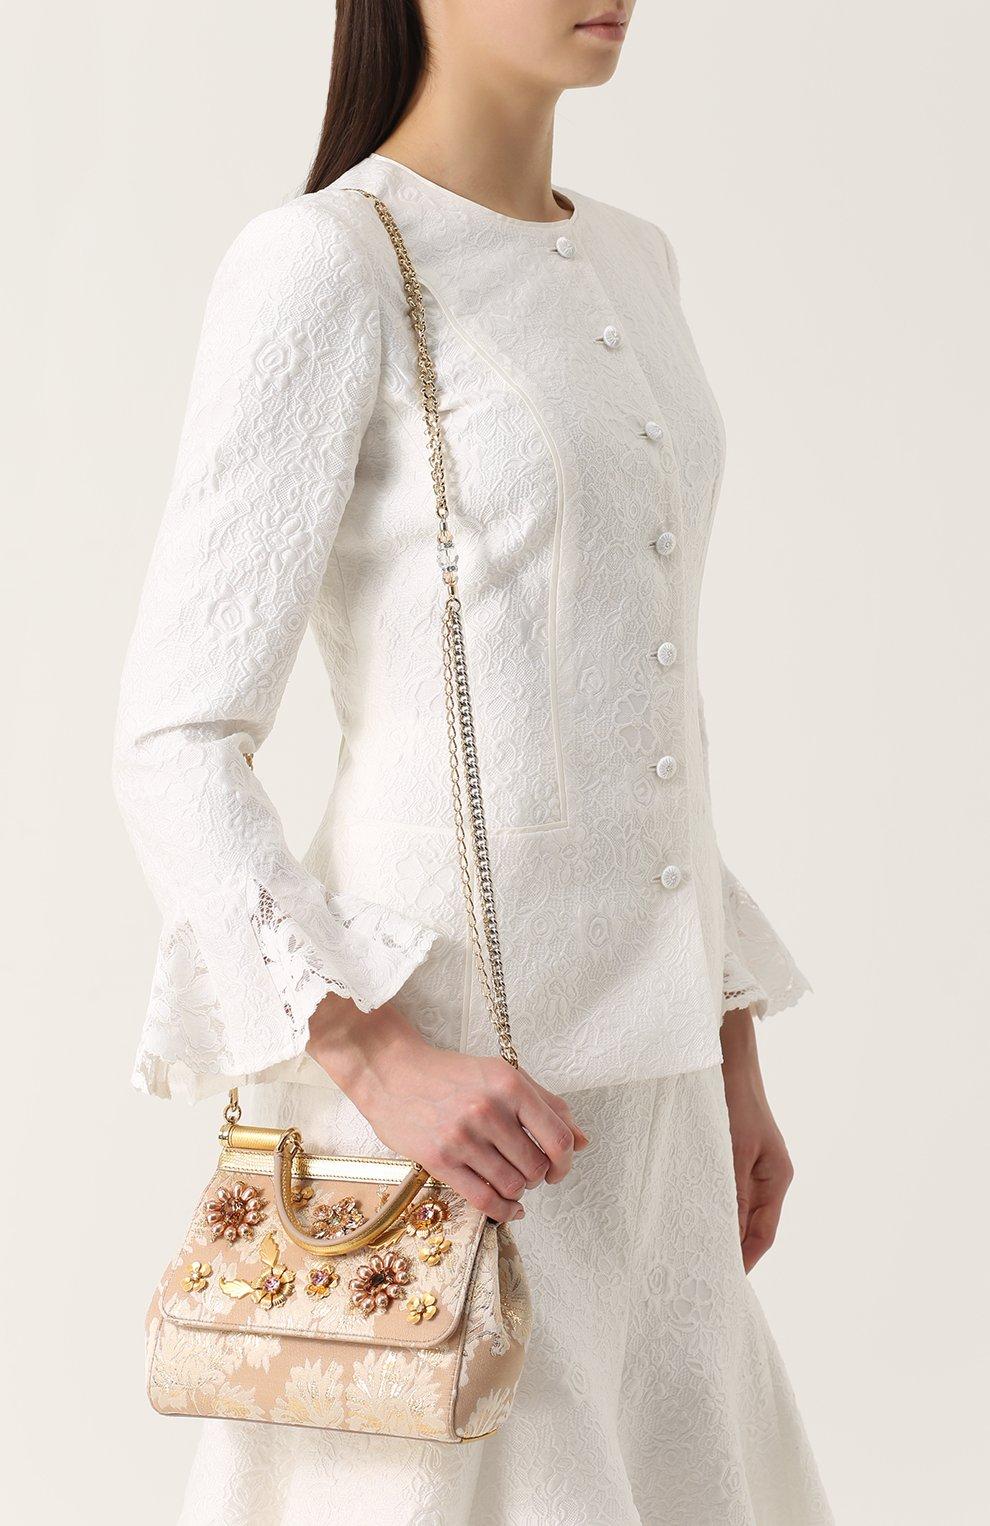 Сумка Sicily small с отделкой кристаллами Limited edition Dolce & Gabbana золотого цвета   Фото №5